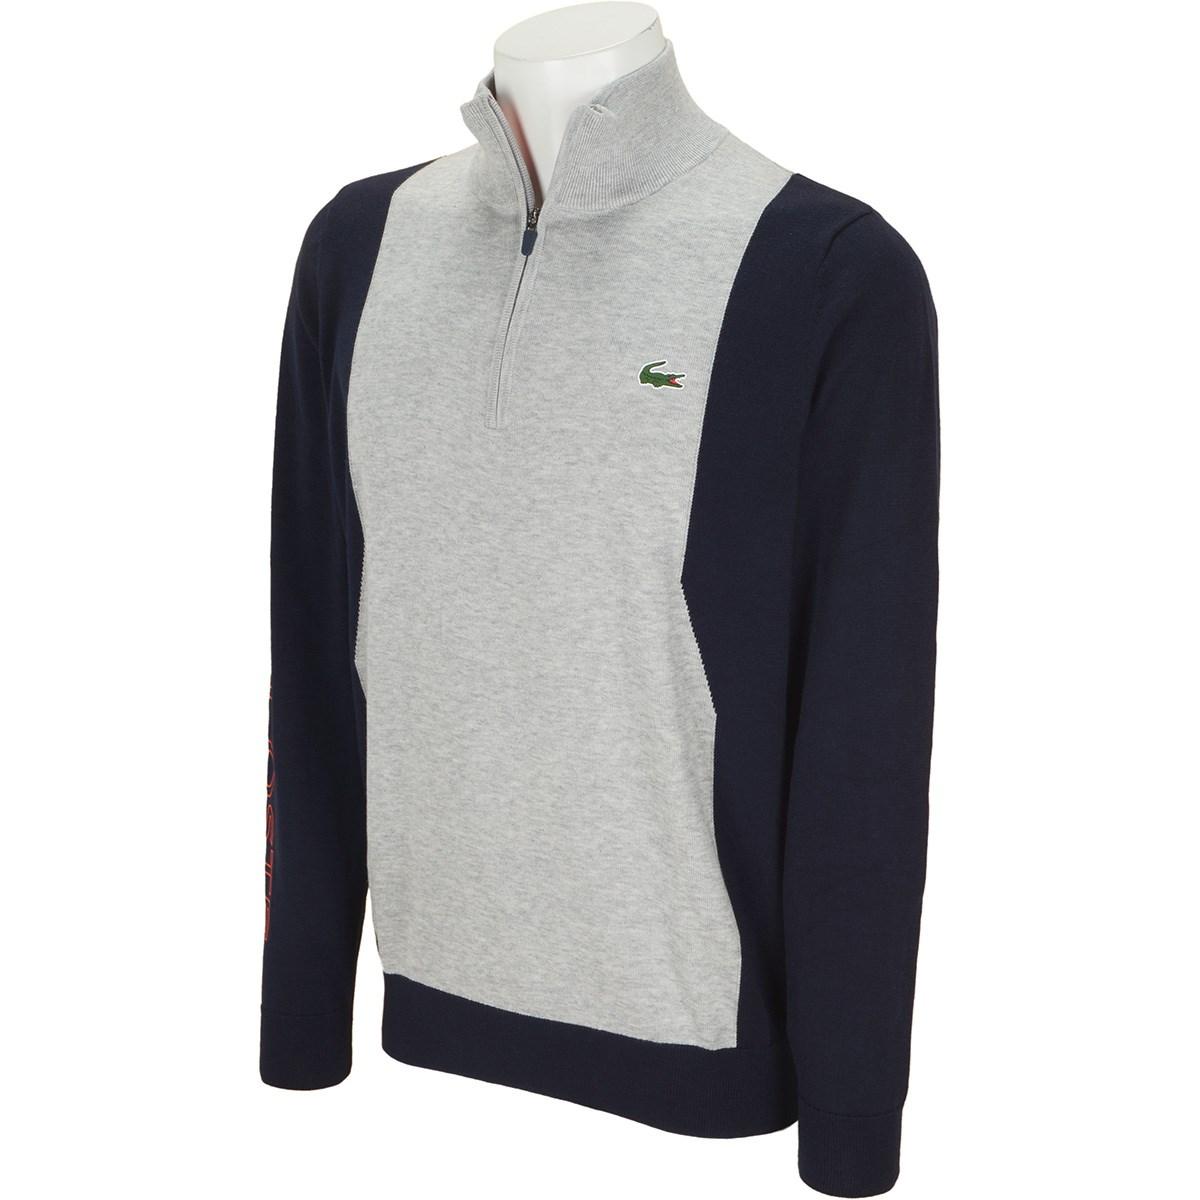 ラコステ COOLMAX(R)仕様 ハーフジップゴルフセーター